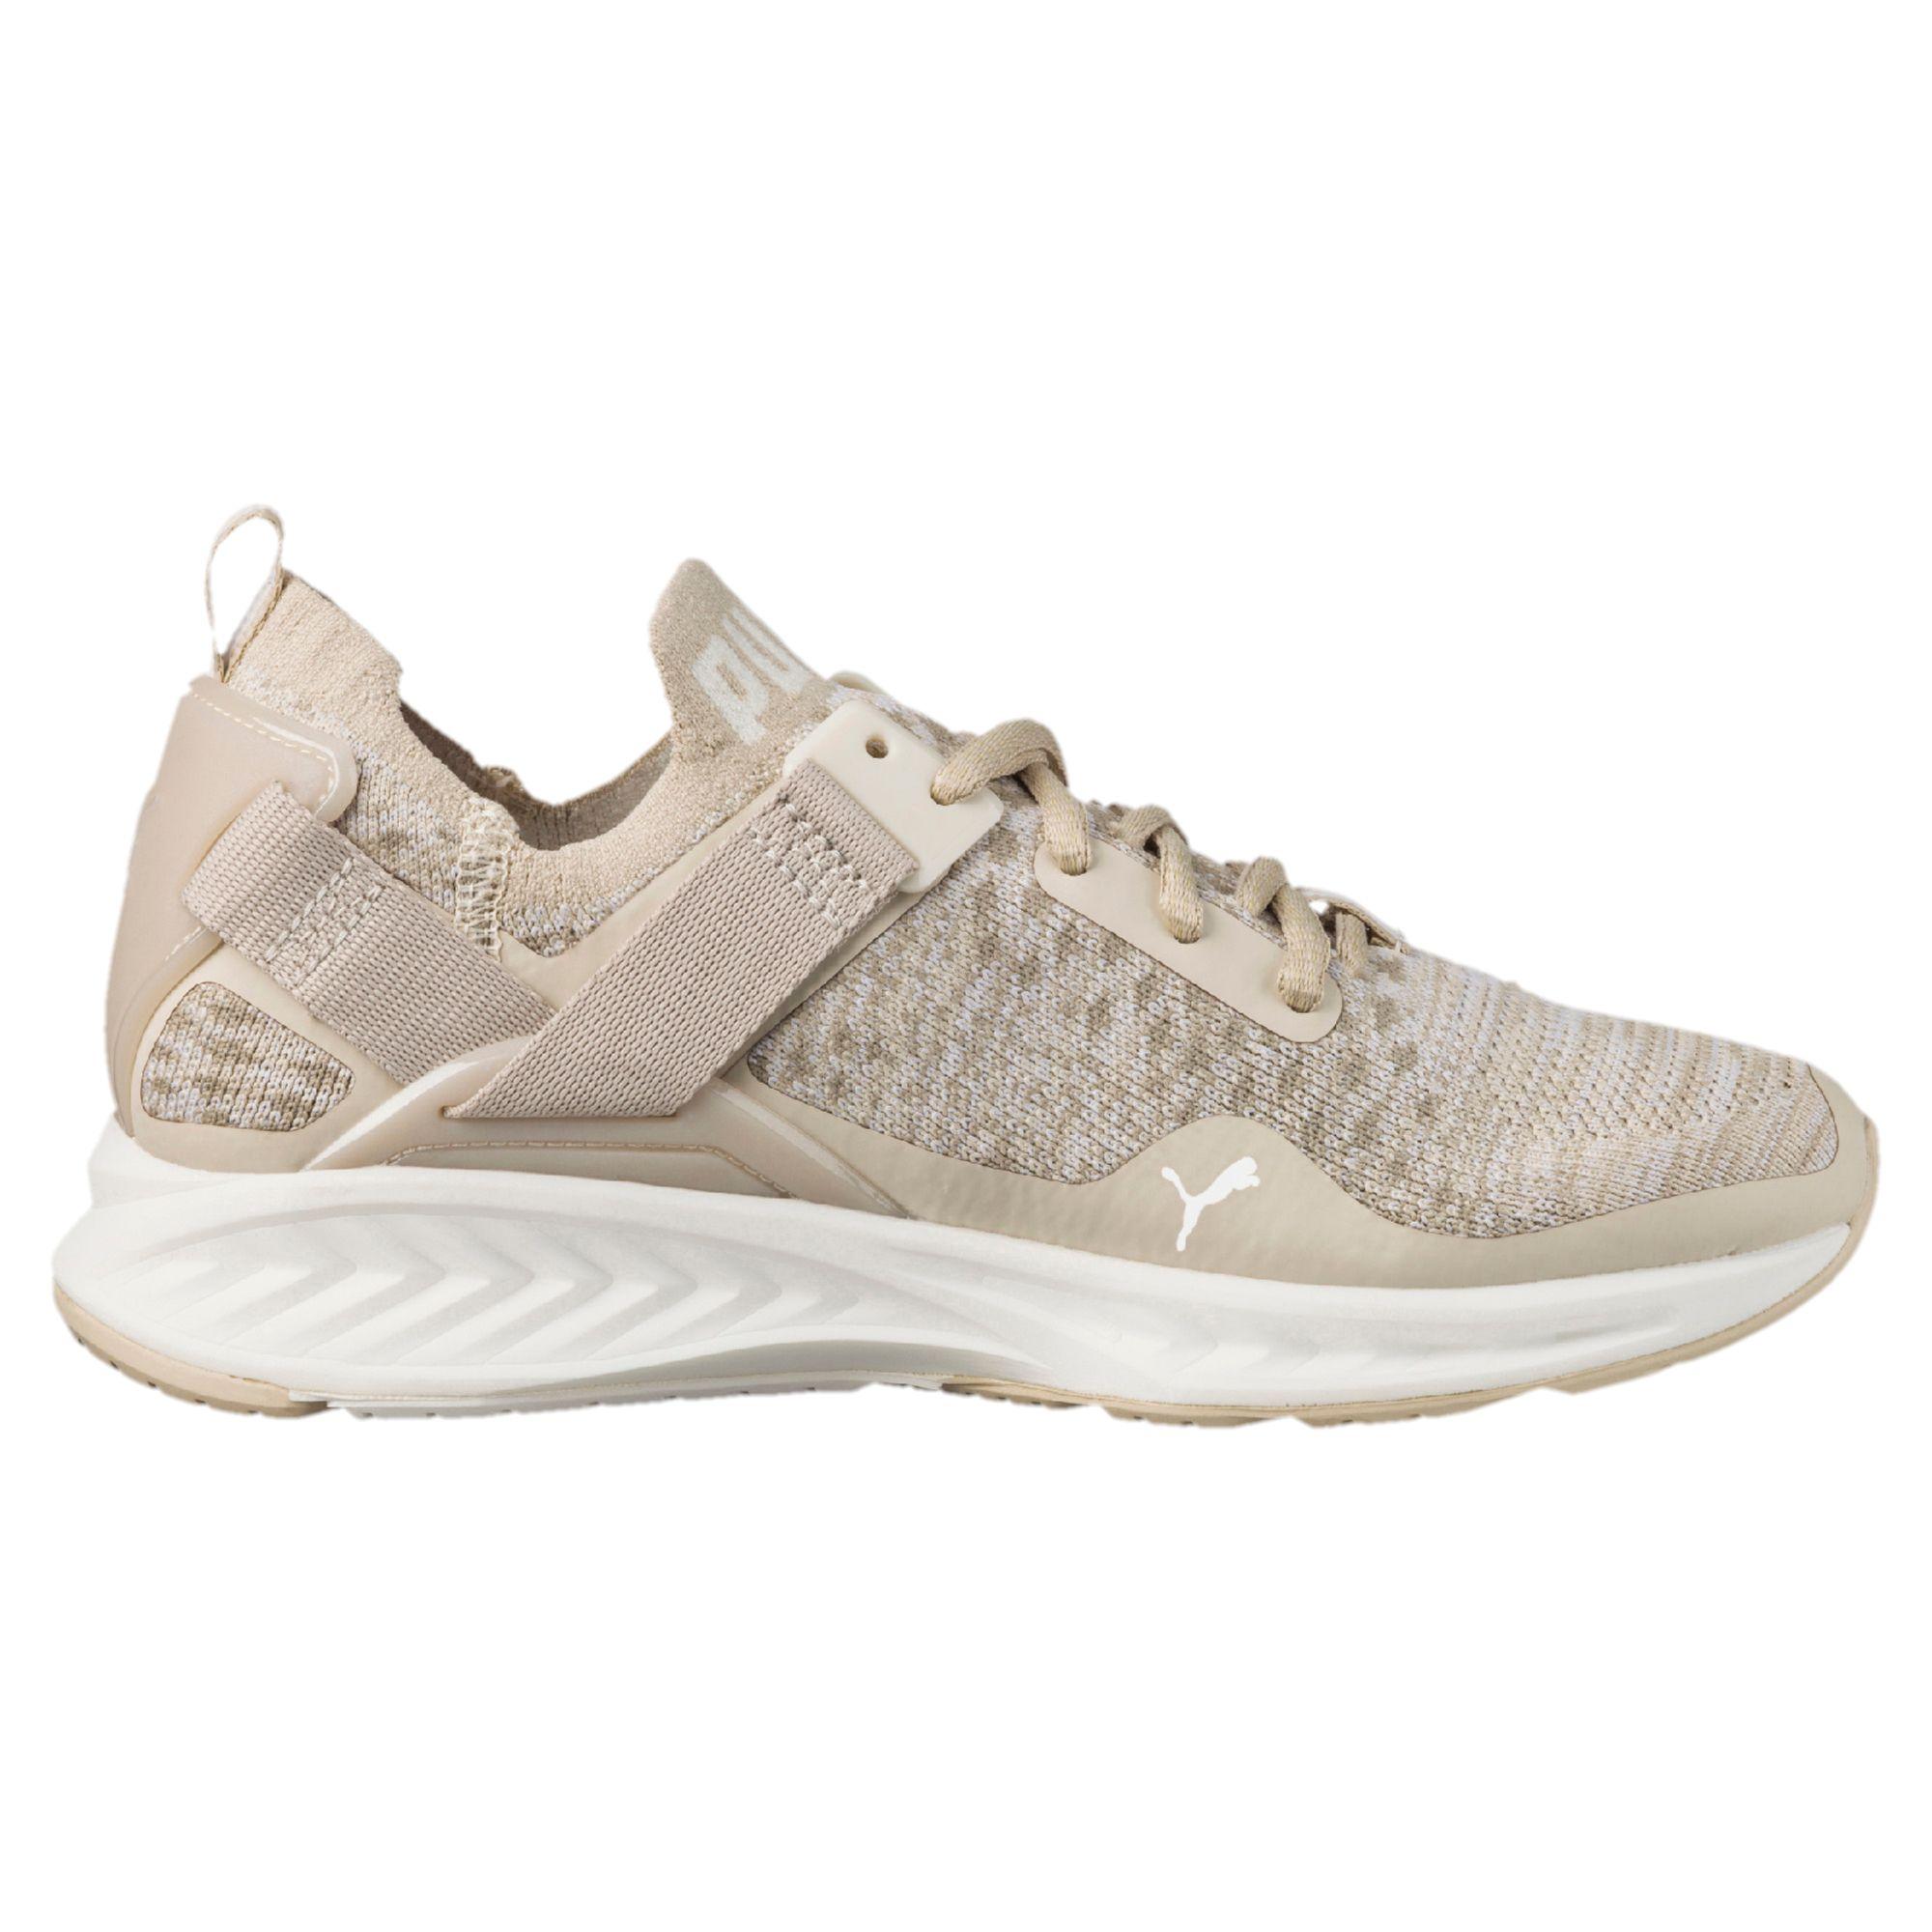 Details zu PUMA IGNITE evoKNIT Lo Pavement Damen Sneaker Laufen Schuhe  Frauen Neu